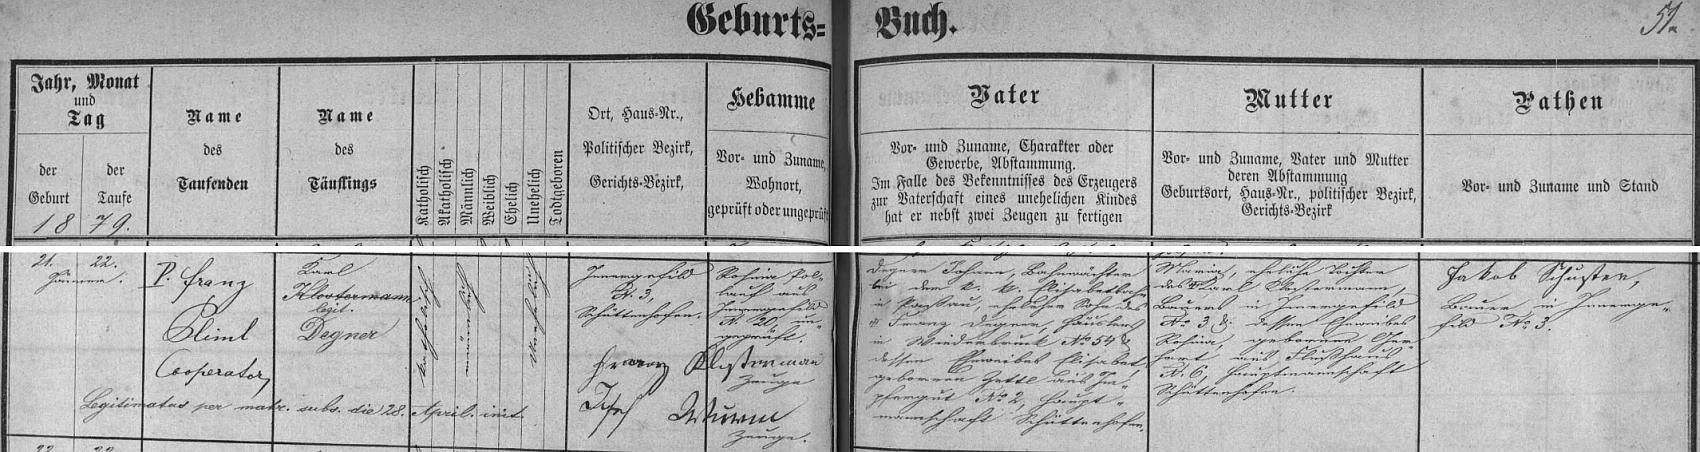 Záznam kvildské křestní matriky o jeho narození na Horské Kvildě čp. 3 s přípisem o změně příjmení z Klostermann na Degner následkem matčina sňatku s Johannem Degnerem